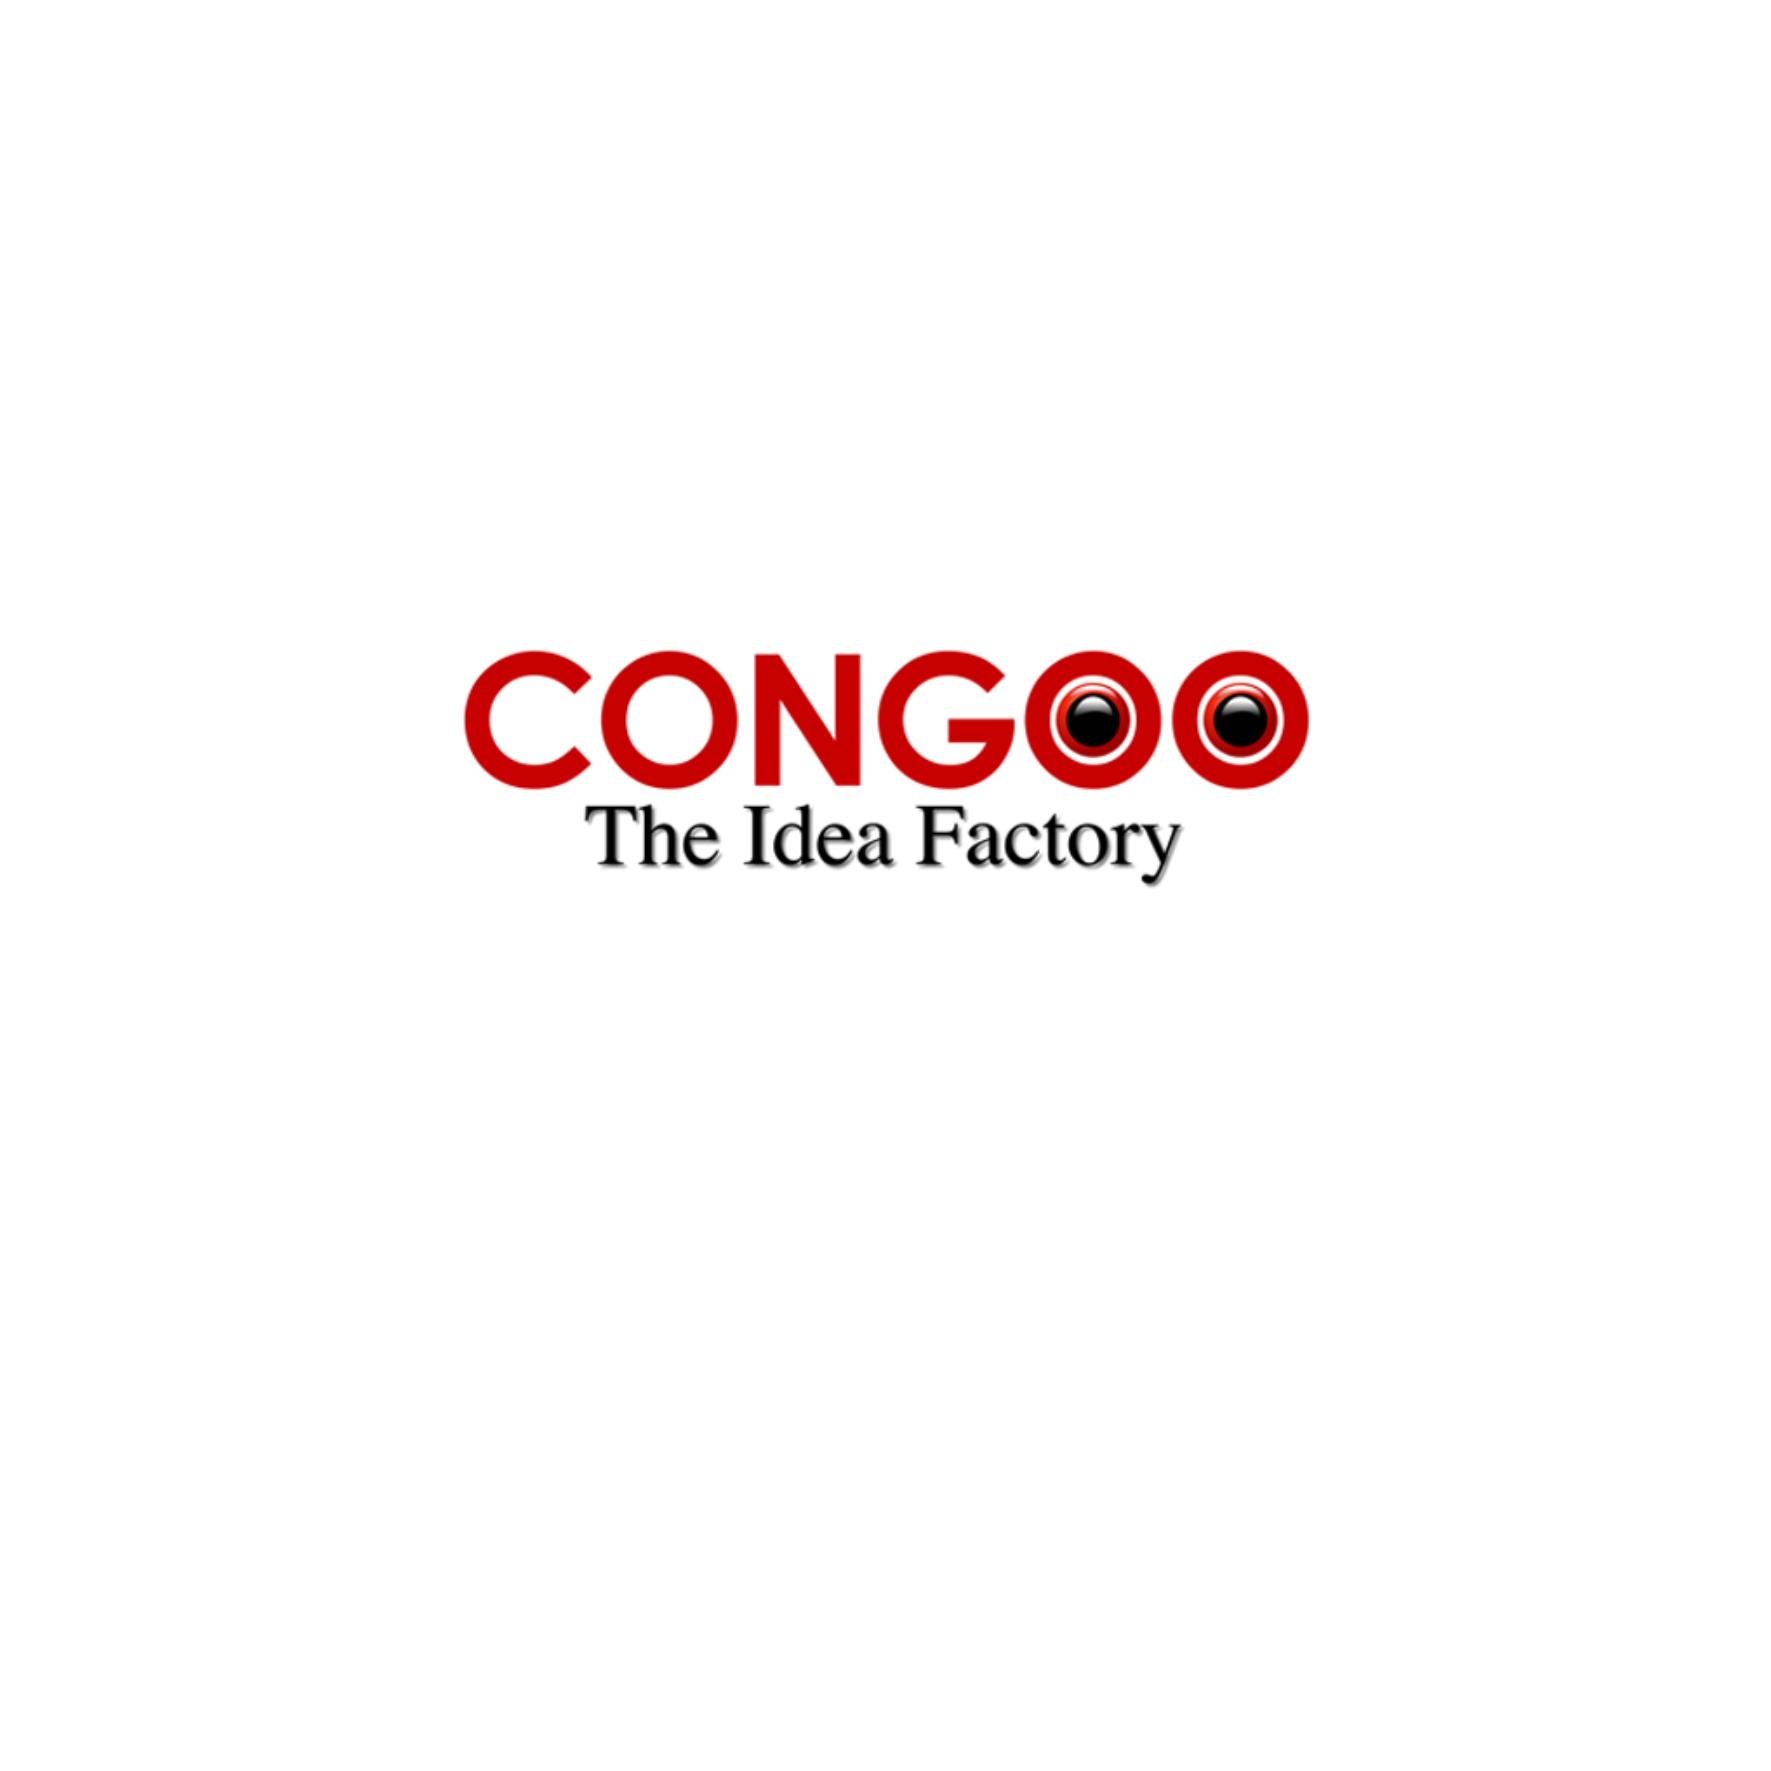 Logo CONGOO